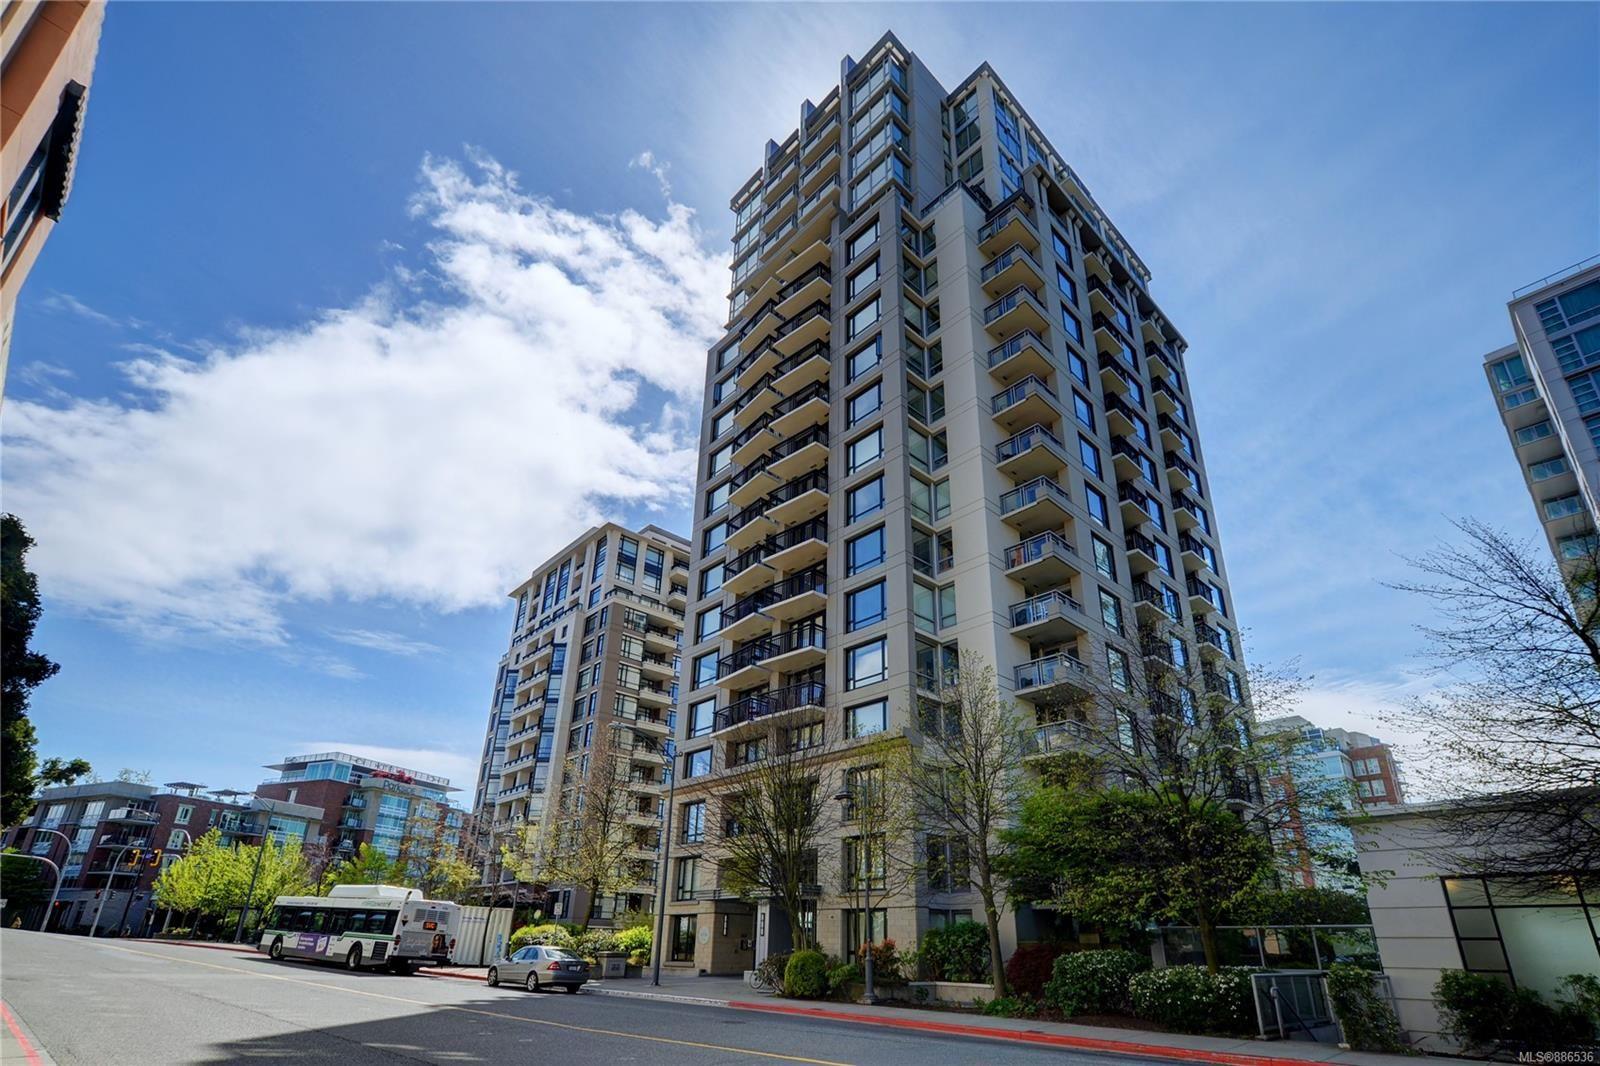 Main Photo: 603 751 Fairfield Rd in Victoria: Vi Downtown Condo for sale : MLS®# 886536